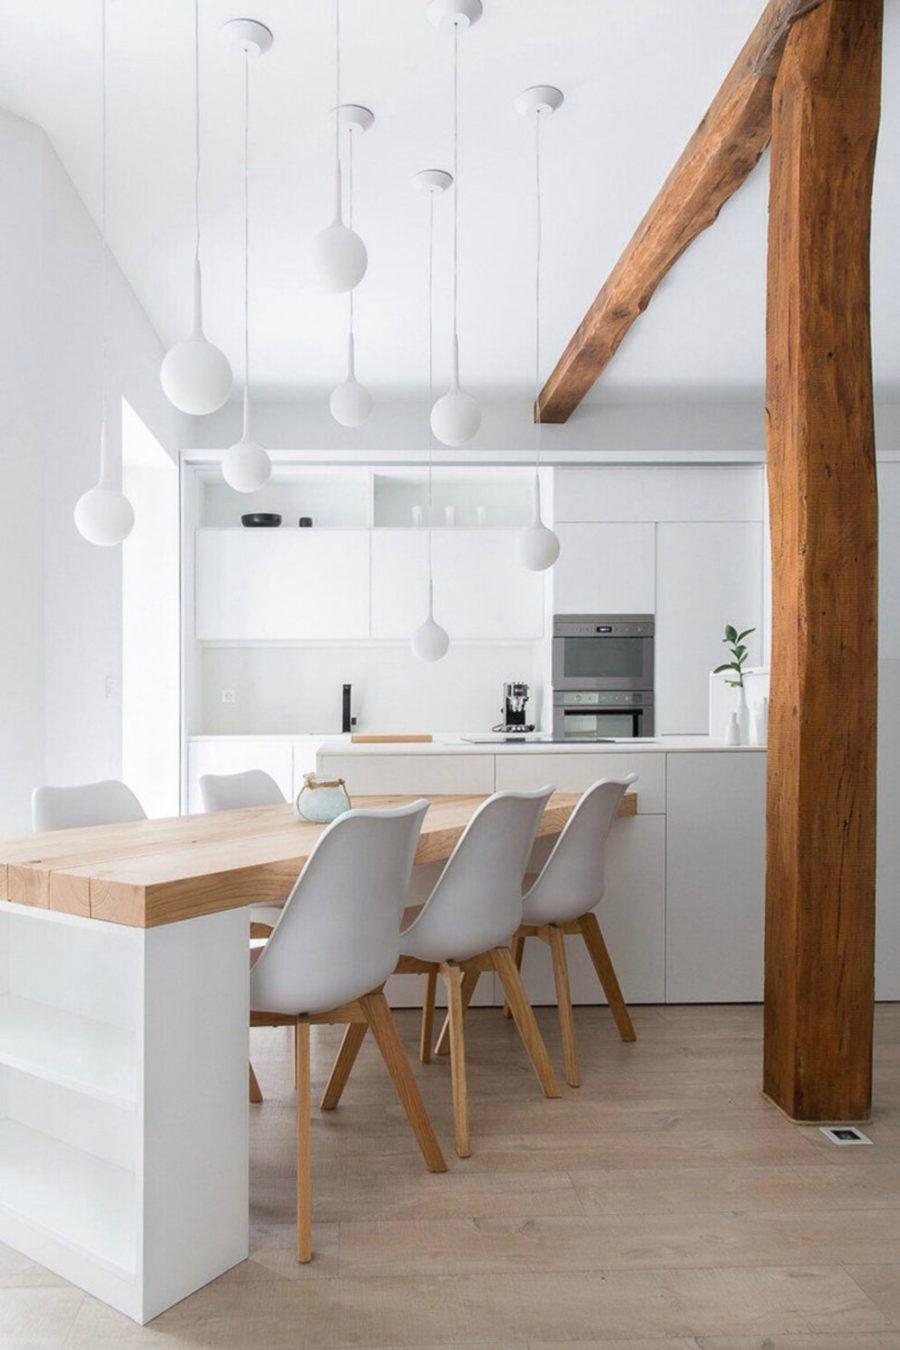 Дизайн кухни с полуостровом - интересный вариант. Фото 7